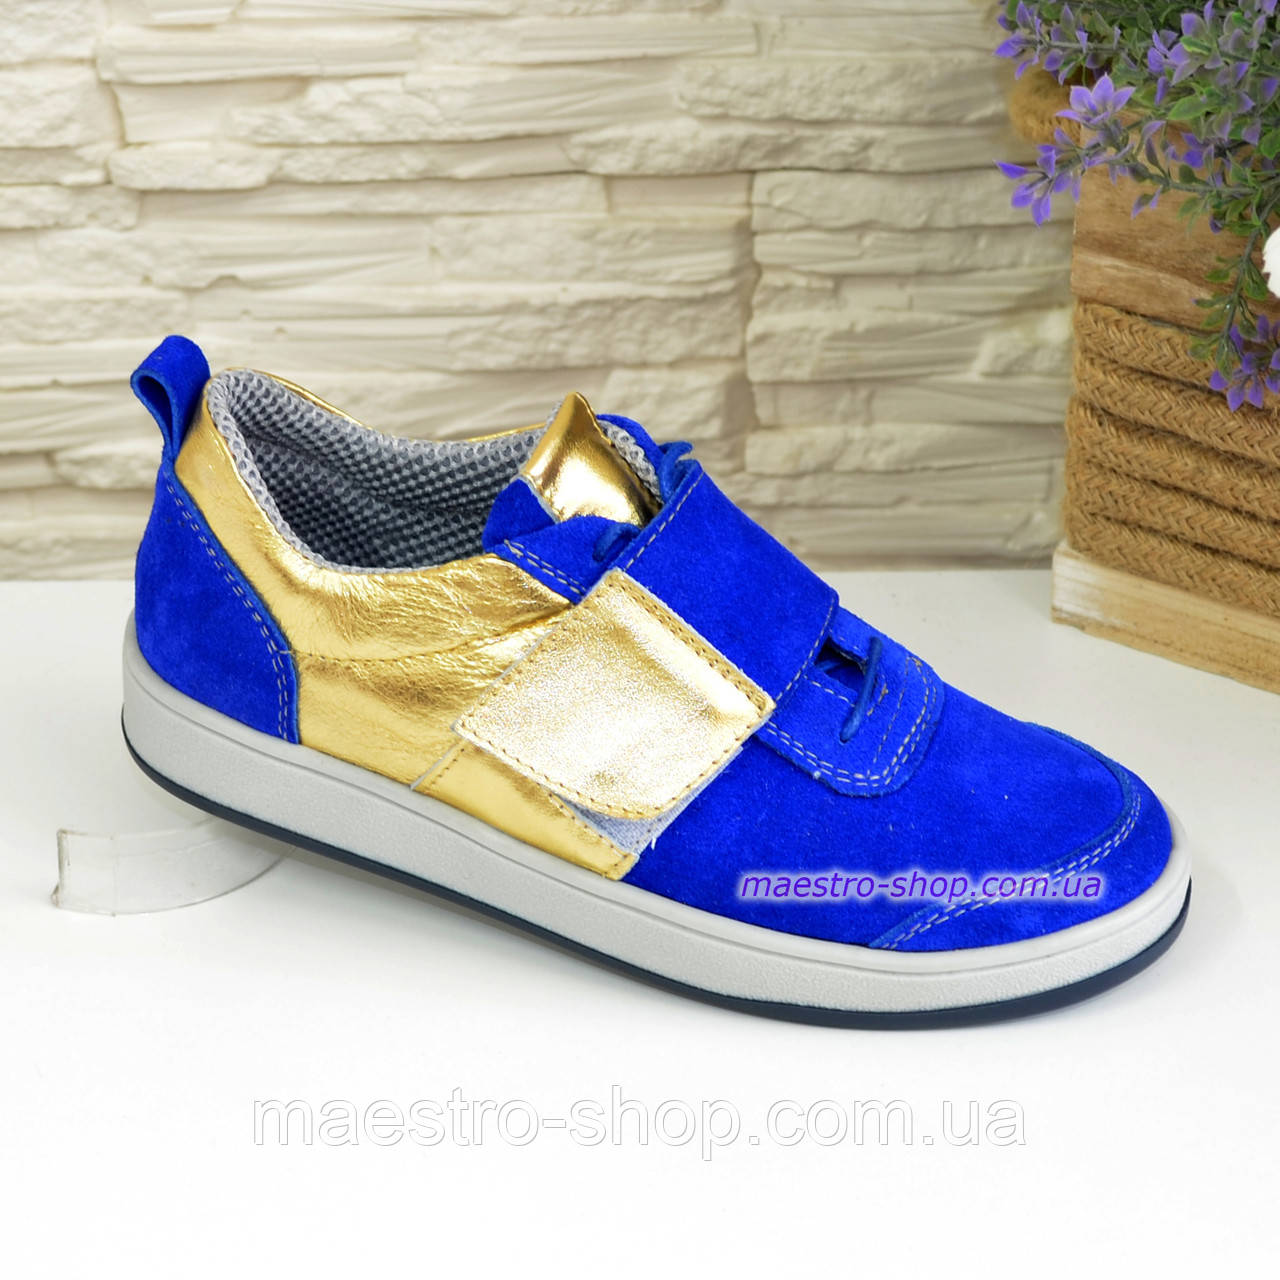 Кеды подростковые для девочек, цвет золото/синий